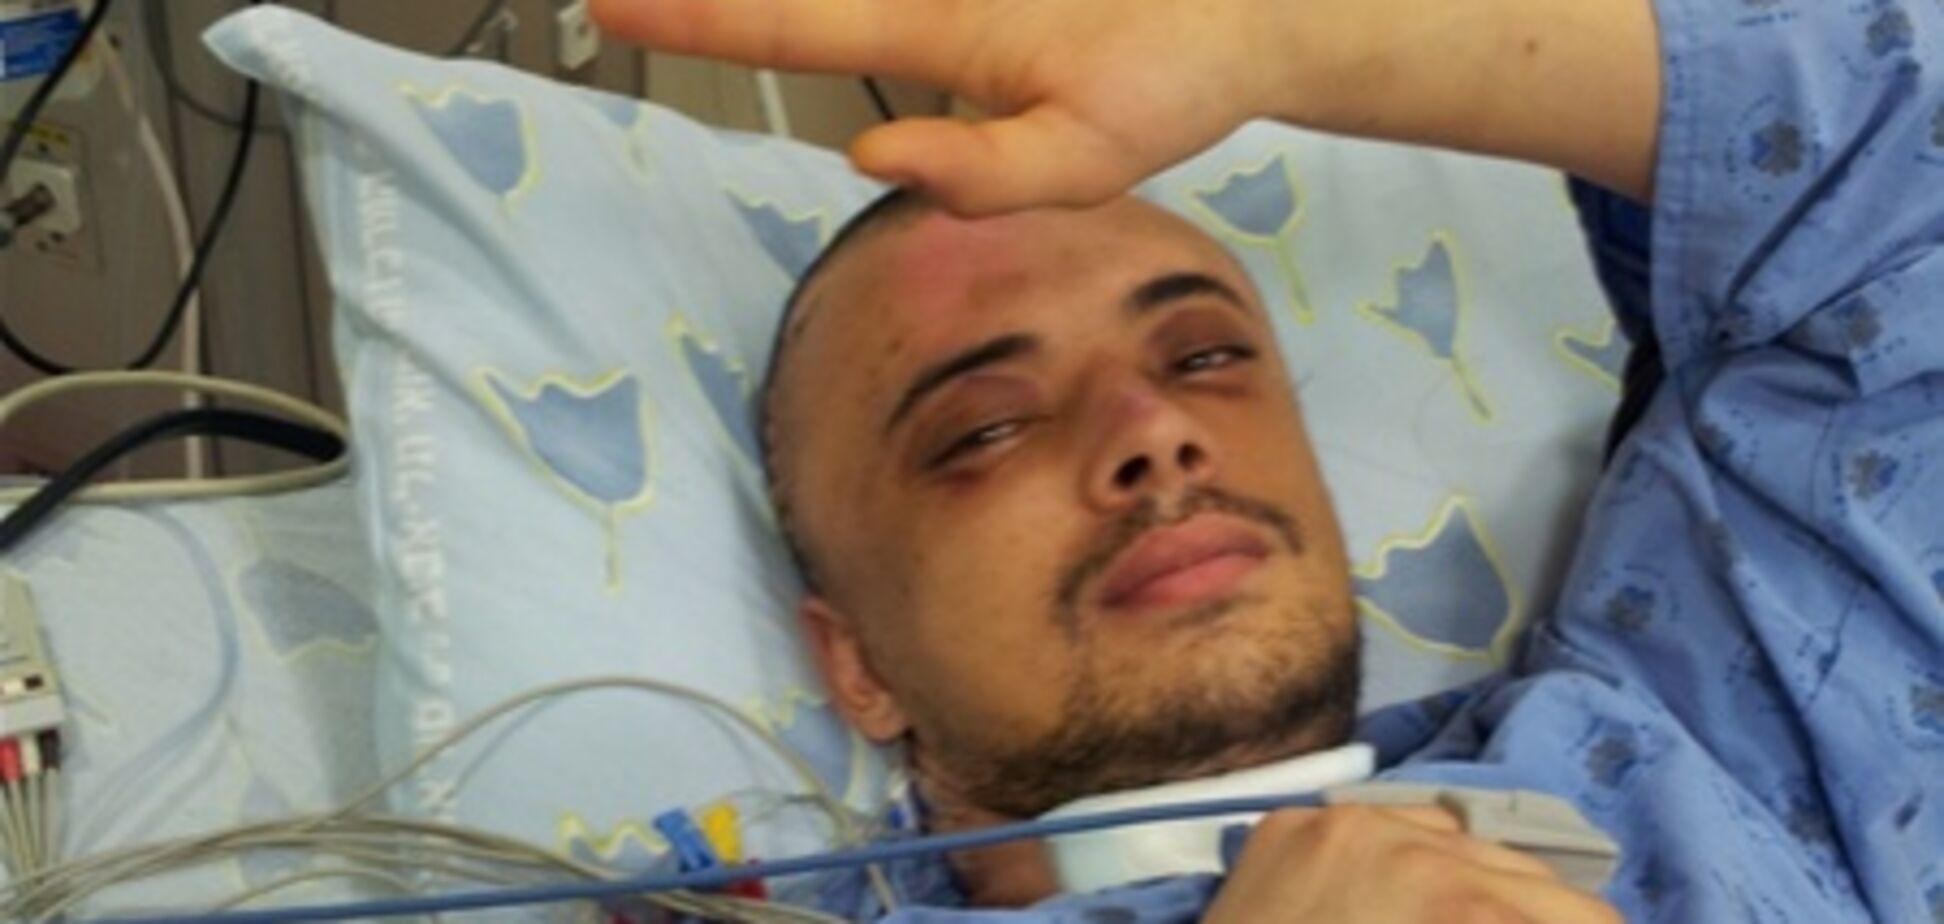 Еврейский студент, жестоко избитый в центре Киева, пришел в себя